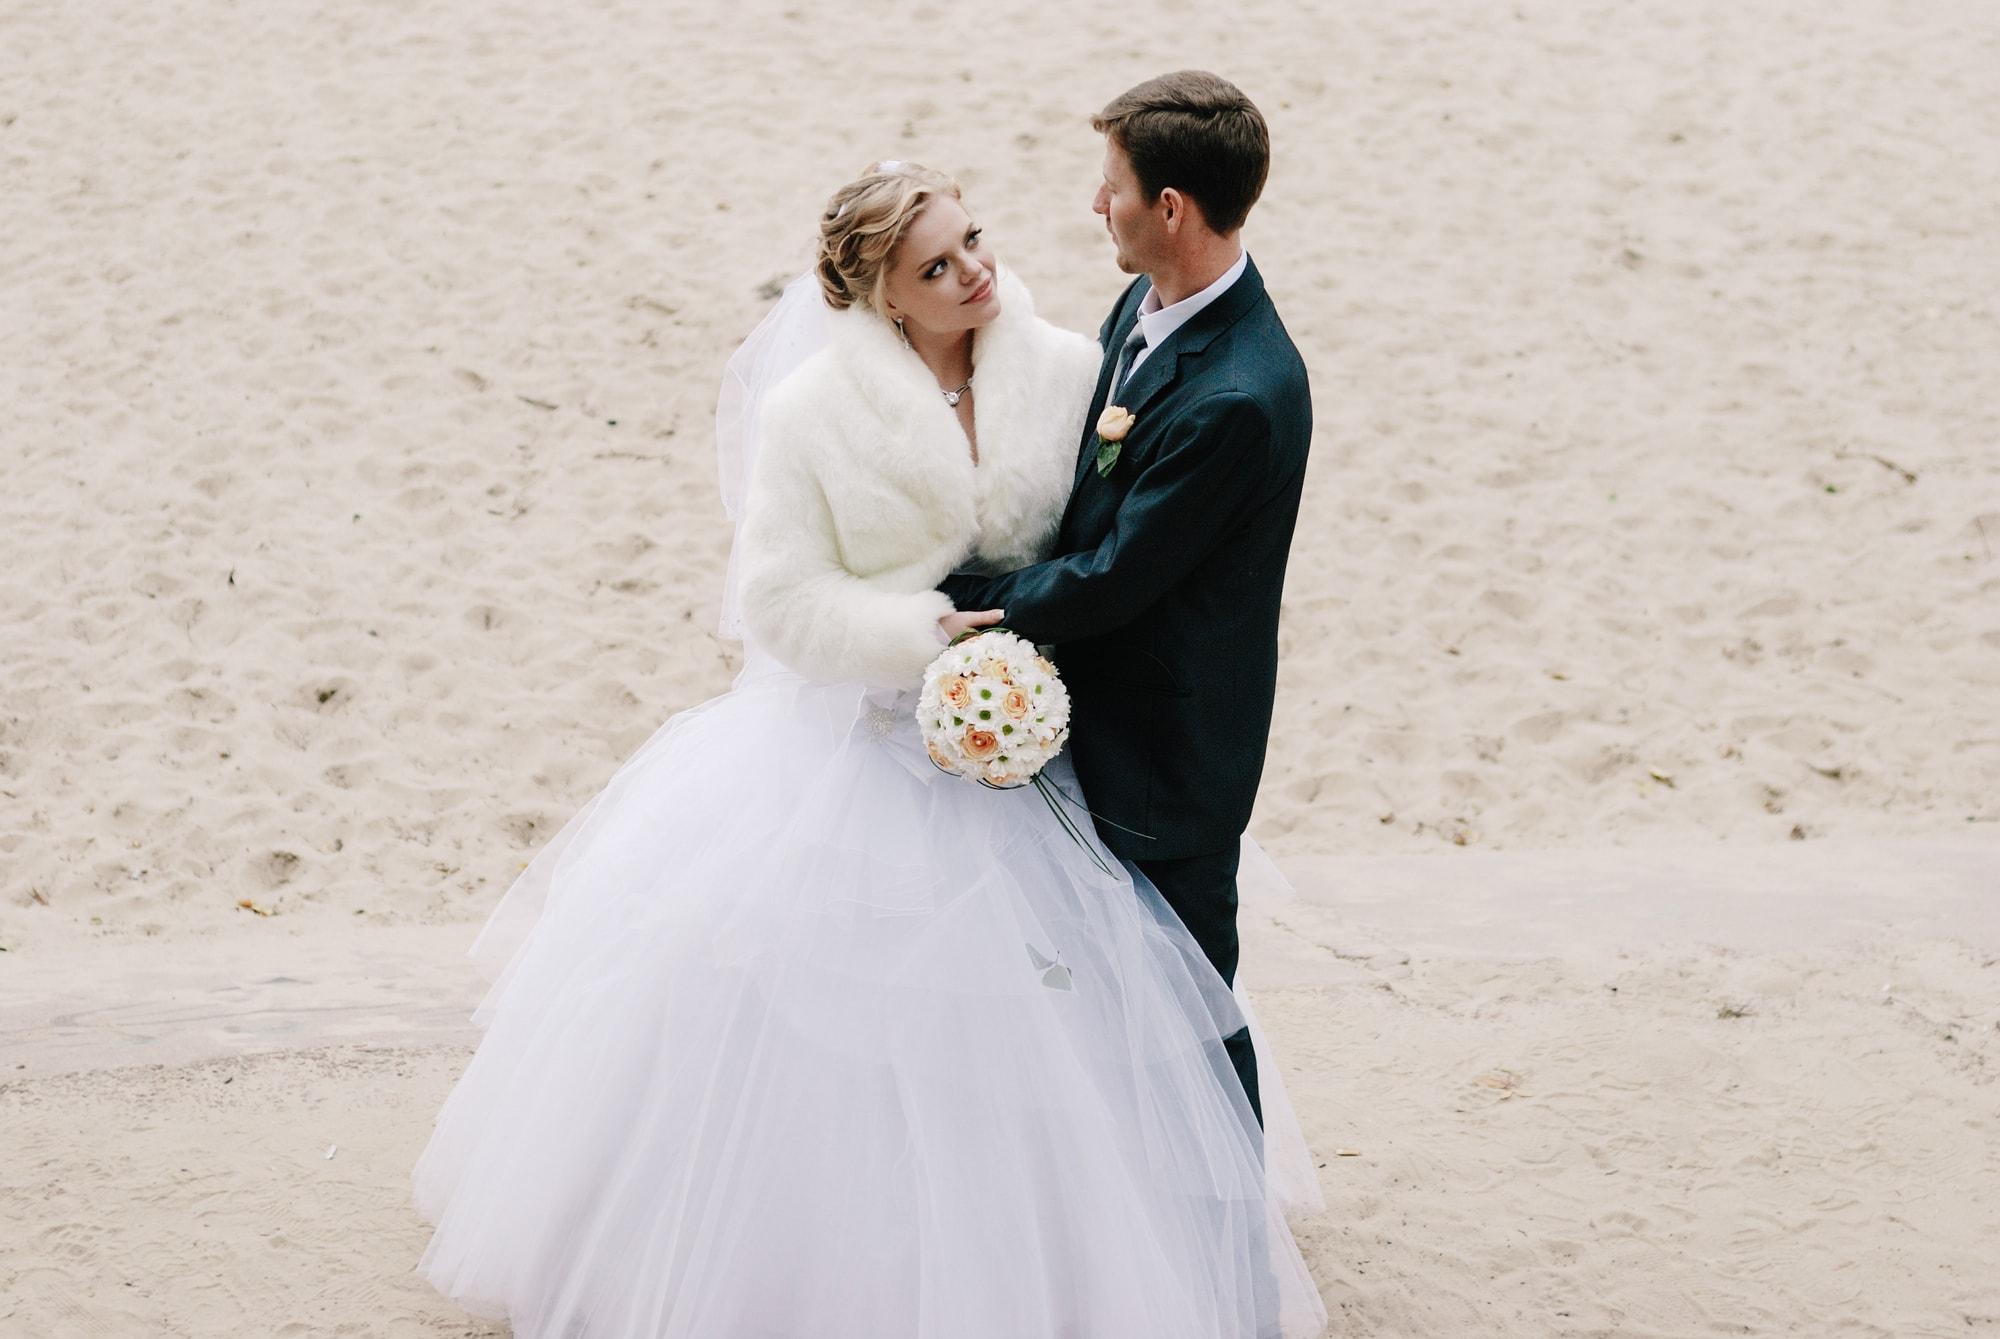 Невеста заигрывает с женихом на пляже - Фотограф Киев - Женя Лайт